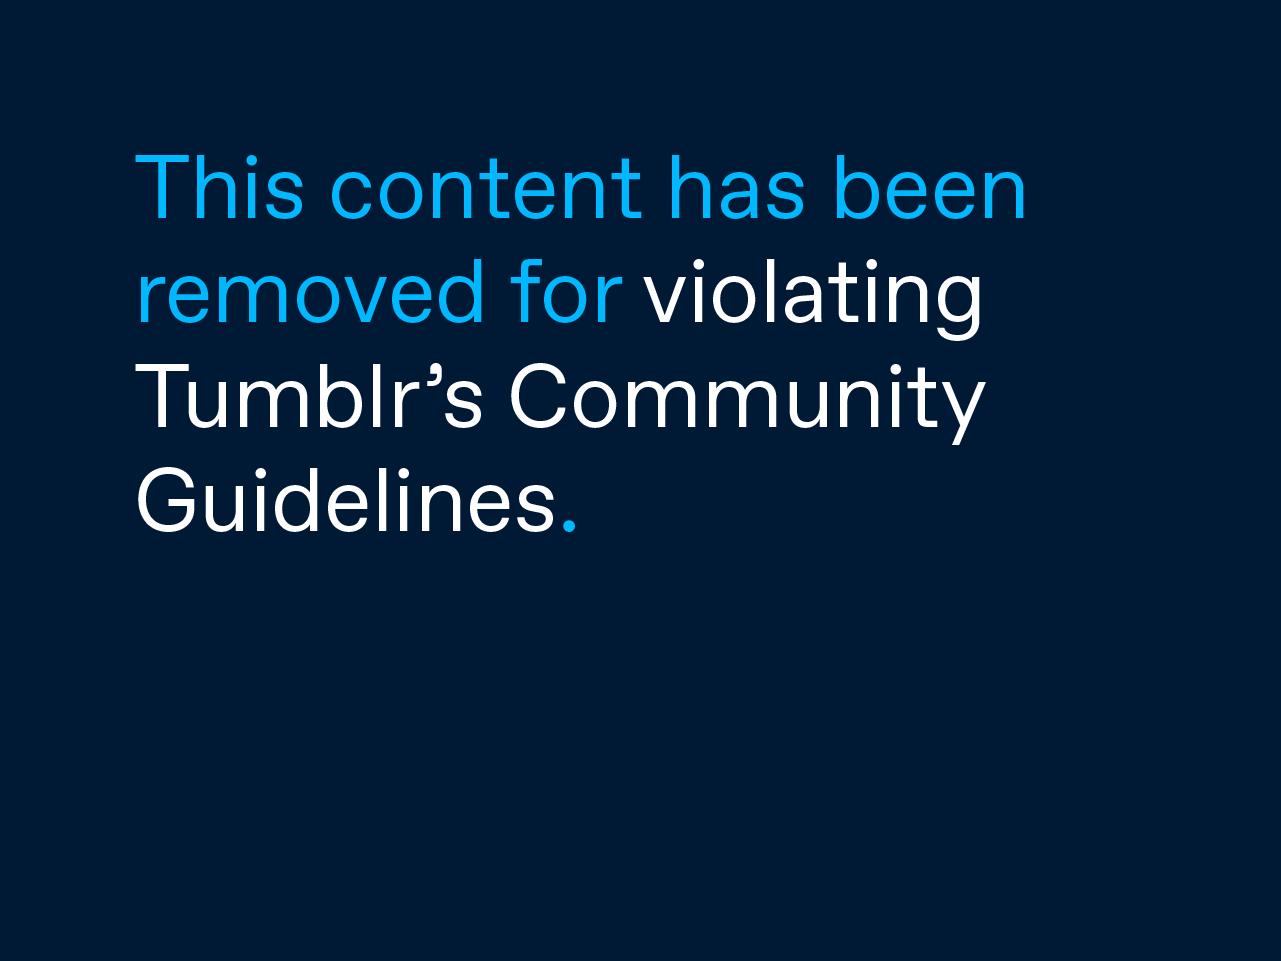 Sistem Informasi Pemerintahan Di Kecamatan Desa Wikipedia Bahasa Indonesia Ensiklopedia Bebas Situs Kampung Nagakampung Naga Berada Di Desa Neglasari Kecamatan